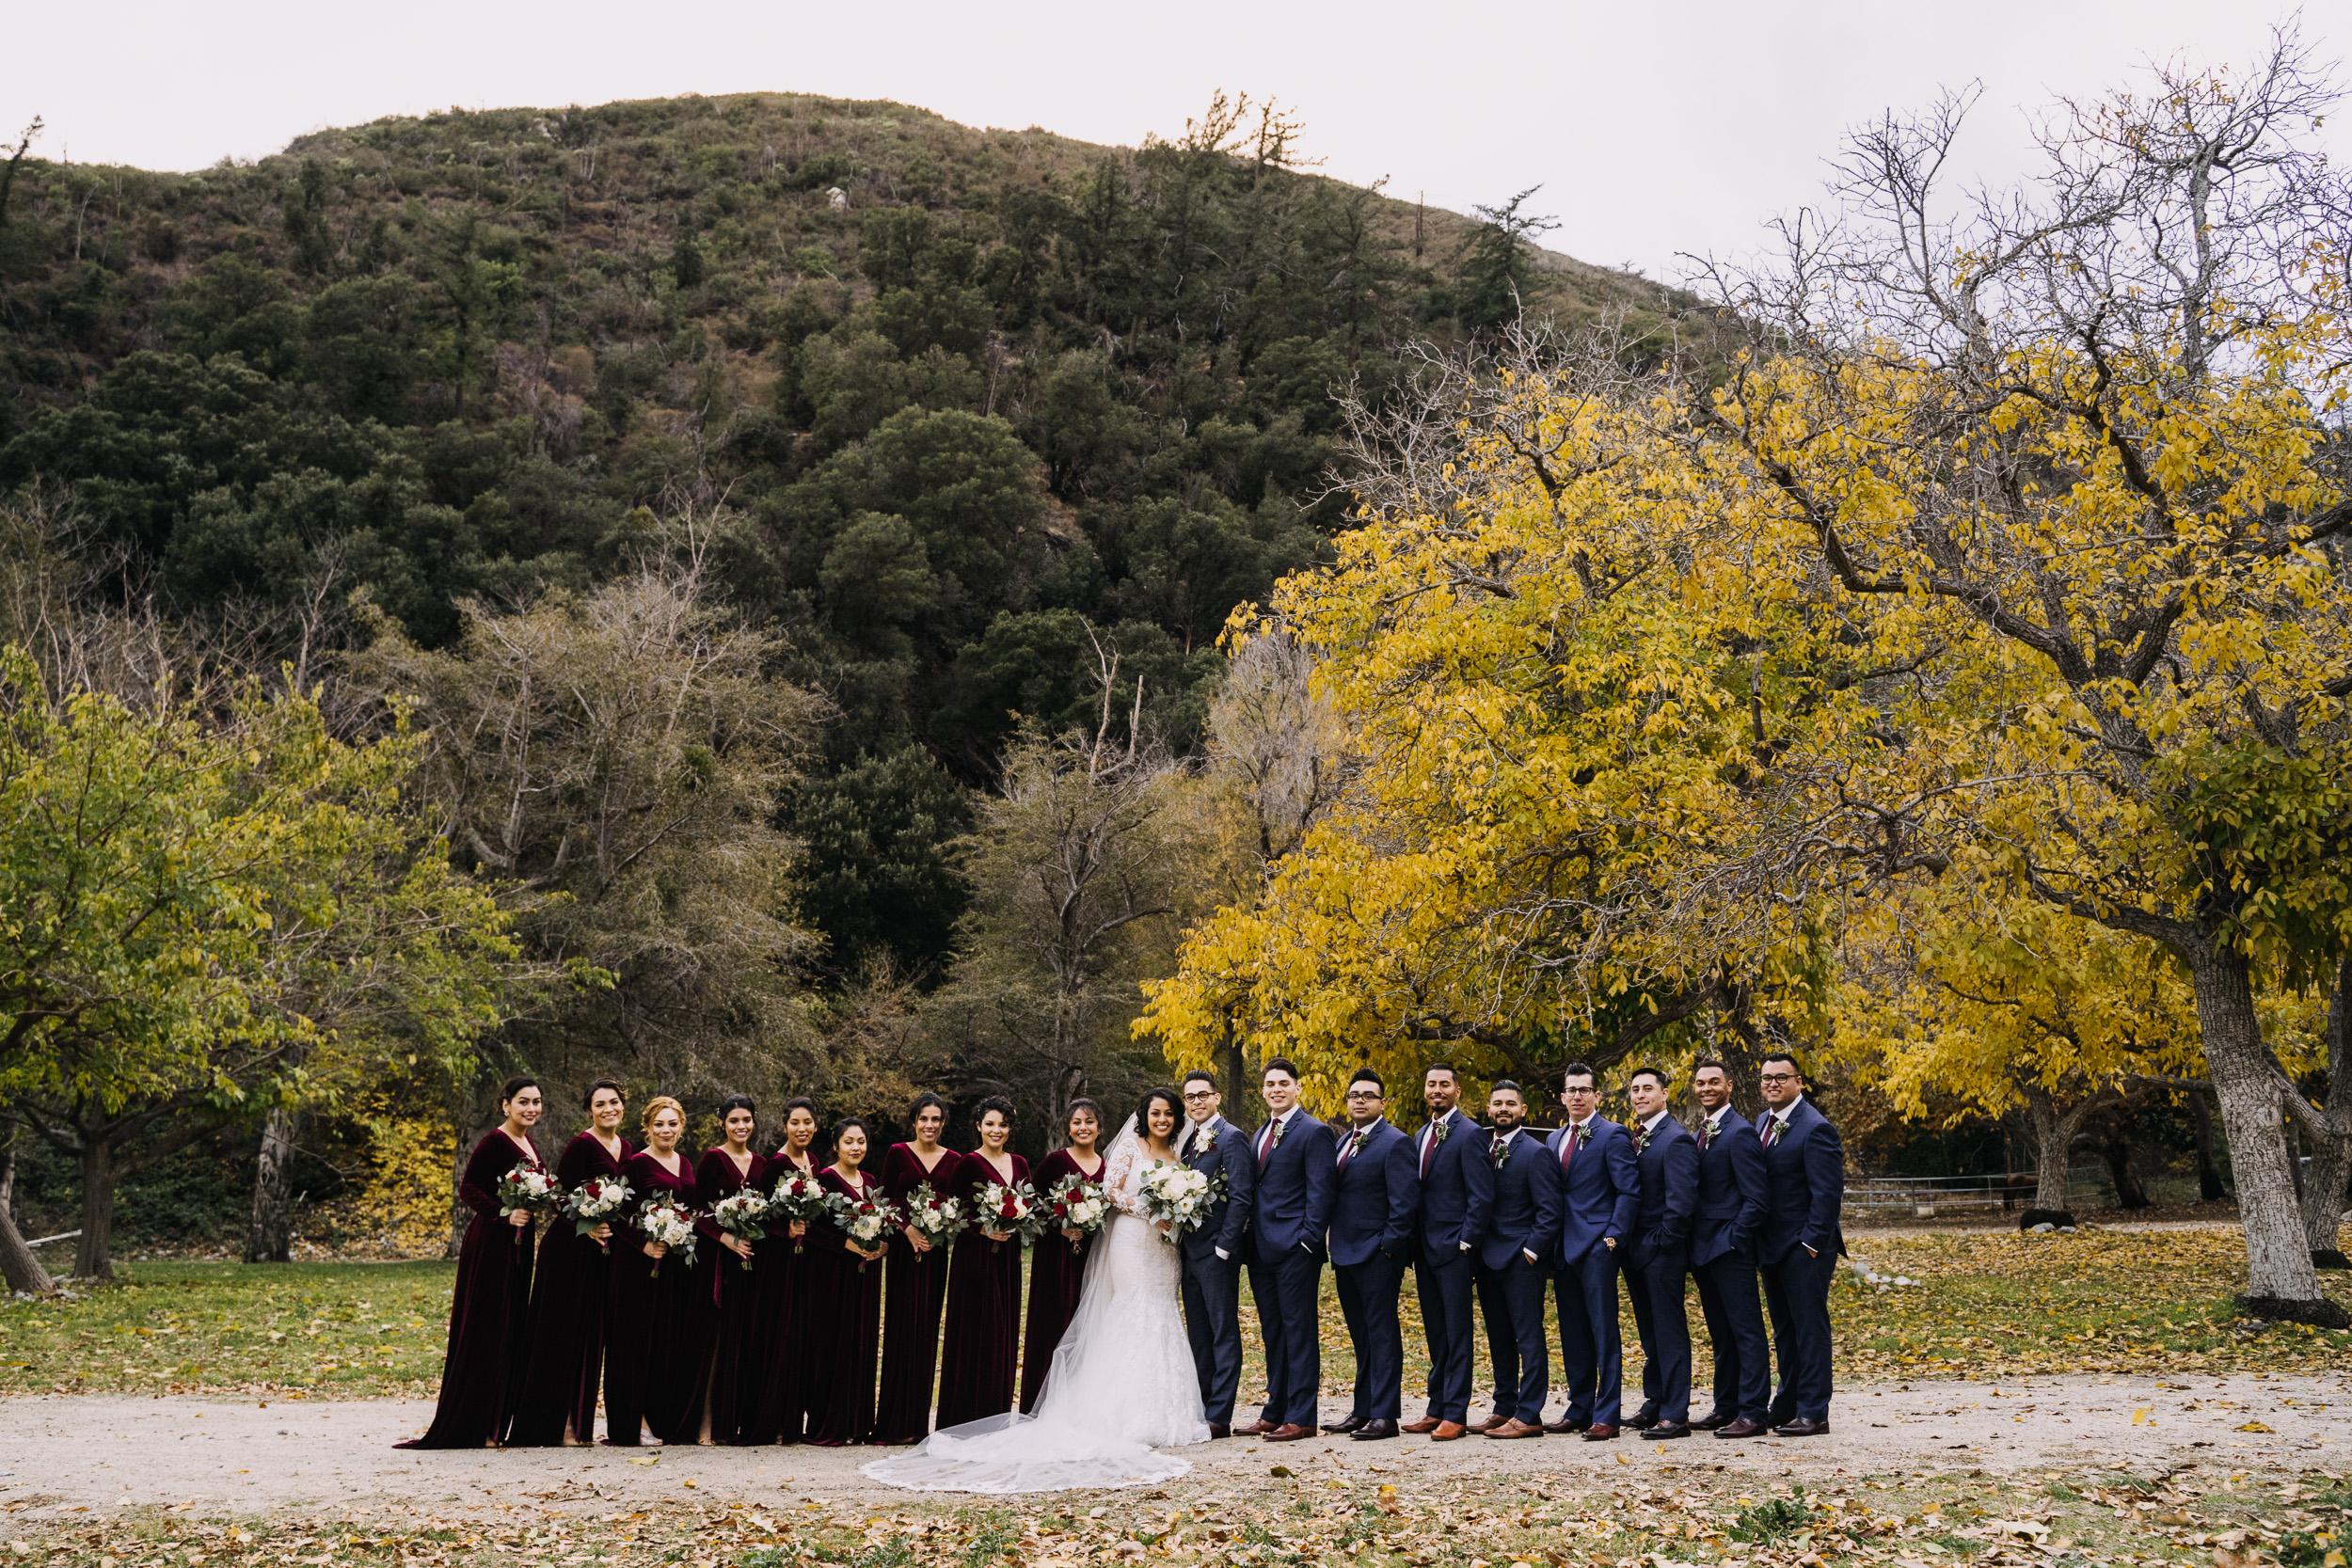 YeseniaEdgar - WeddingTeaser-24.jpg